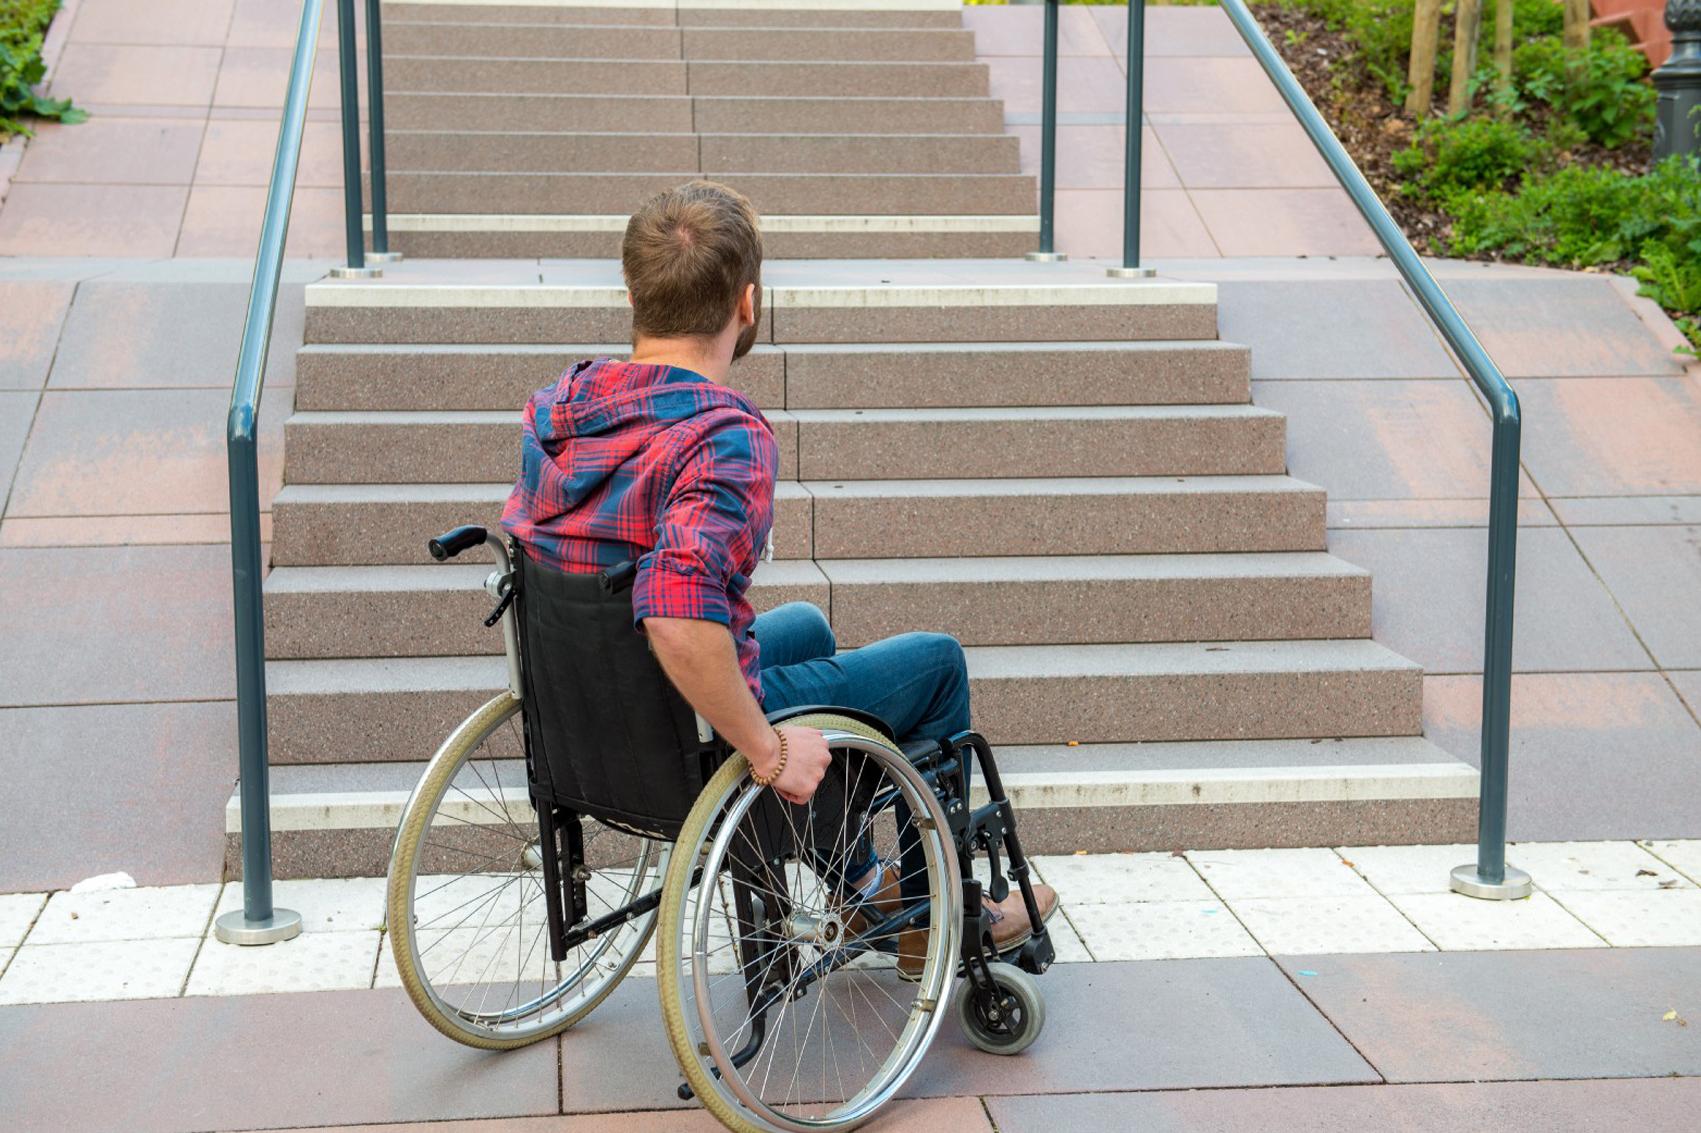 الإعاقة والعجز والضّعف %D9%85%D8%B4%D9%83%D9%84%D8%A7%D8%AA-%D8%A7%D9%84%D8%A5%D8%B9%D8%A7%D9%82%D8%A9-01